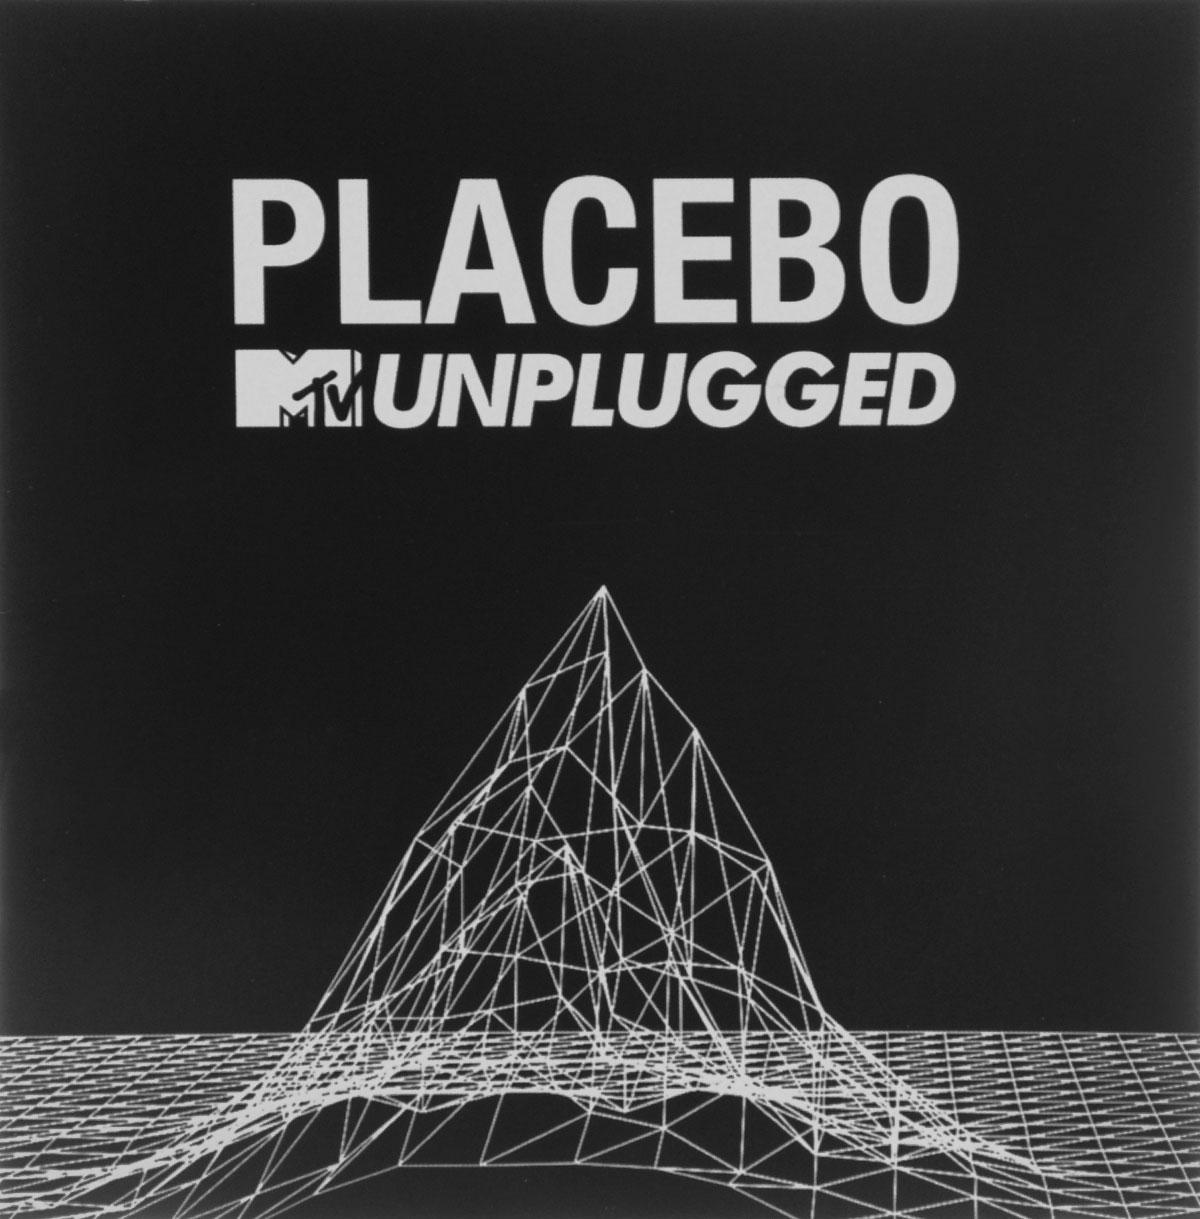 LP 1: Tracks 1-9 LP 2: Tracks 10-17 К изданию прилагается ваучер с кодом для скачивания альбома.